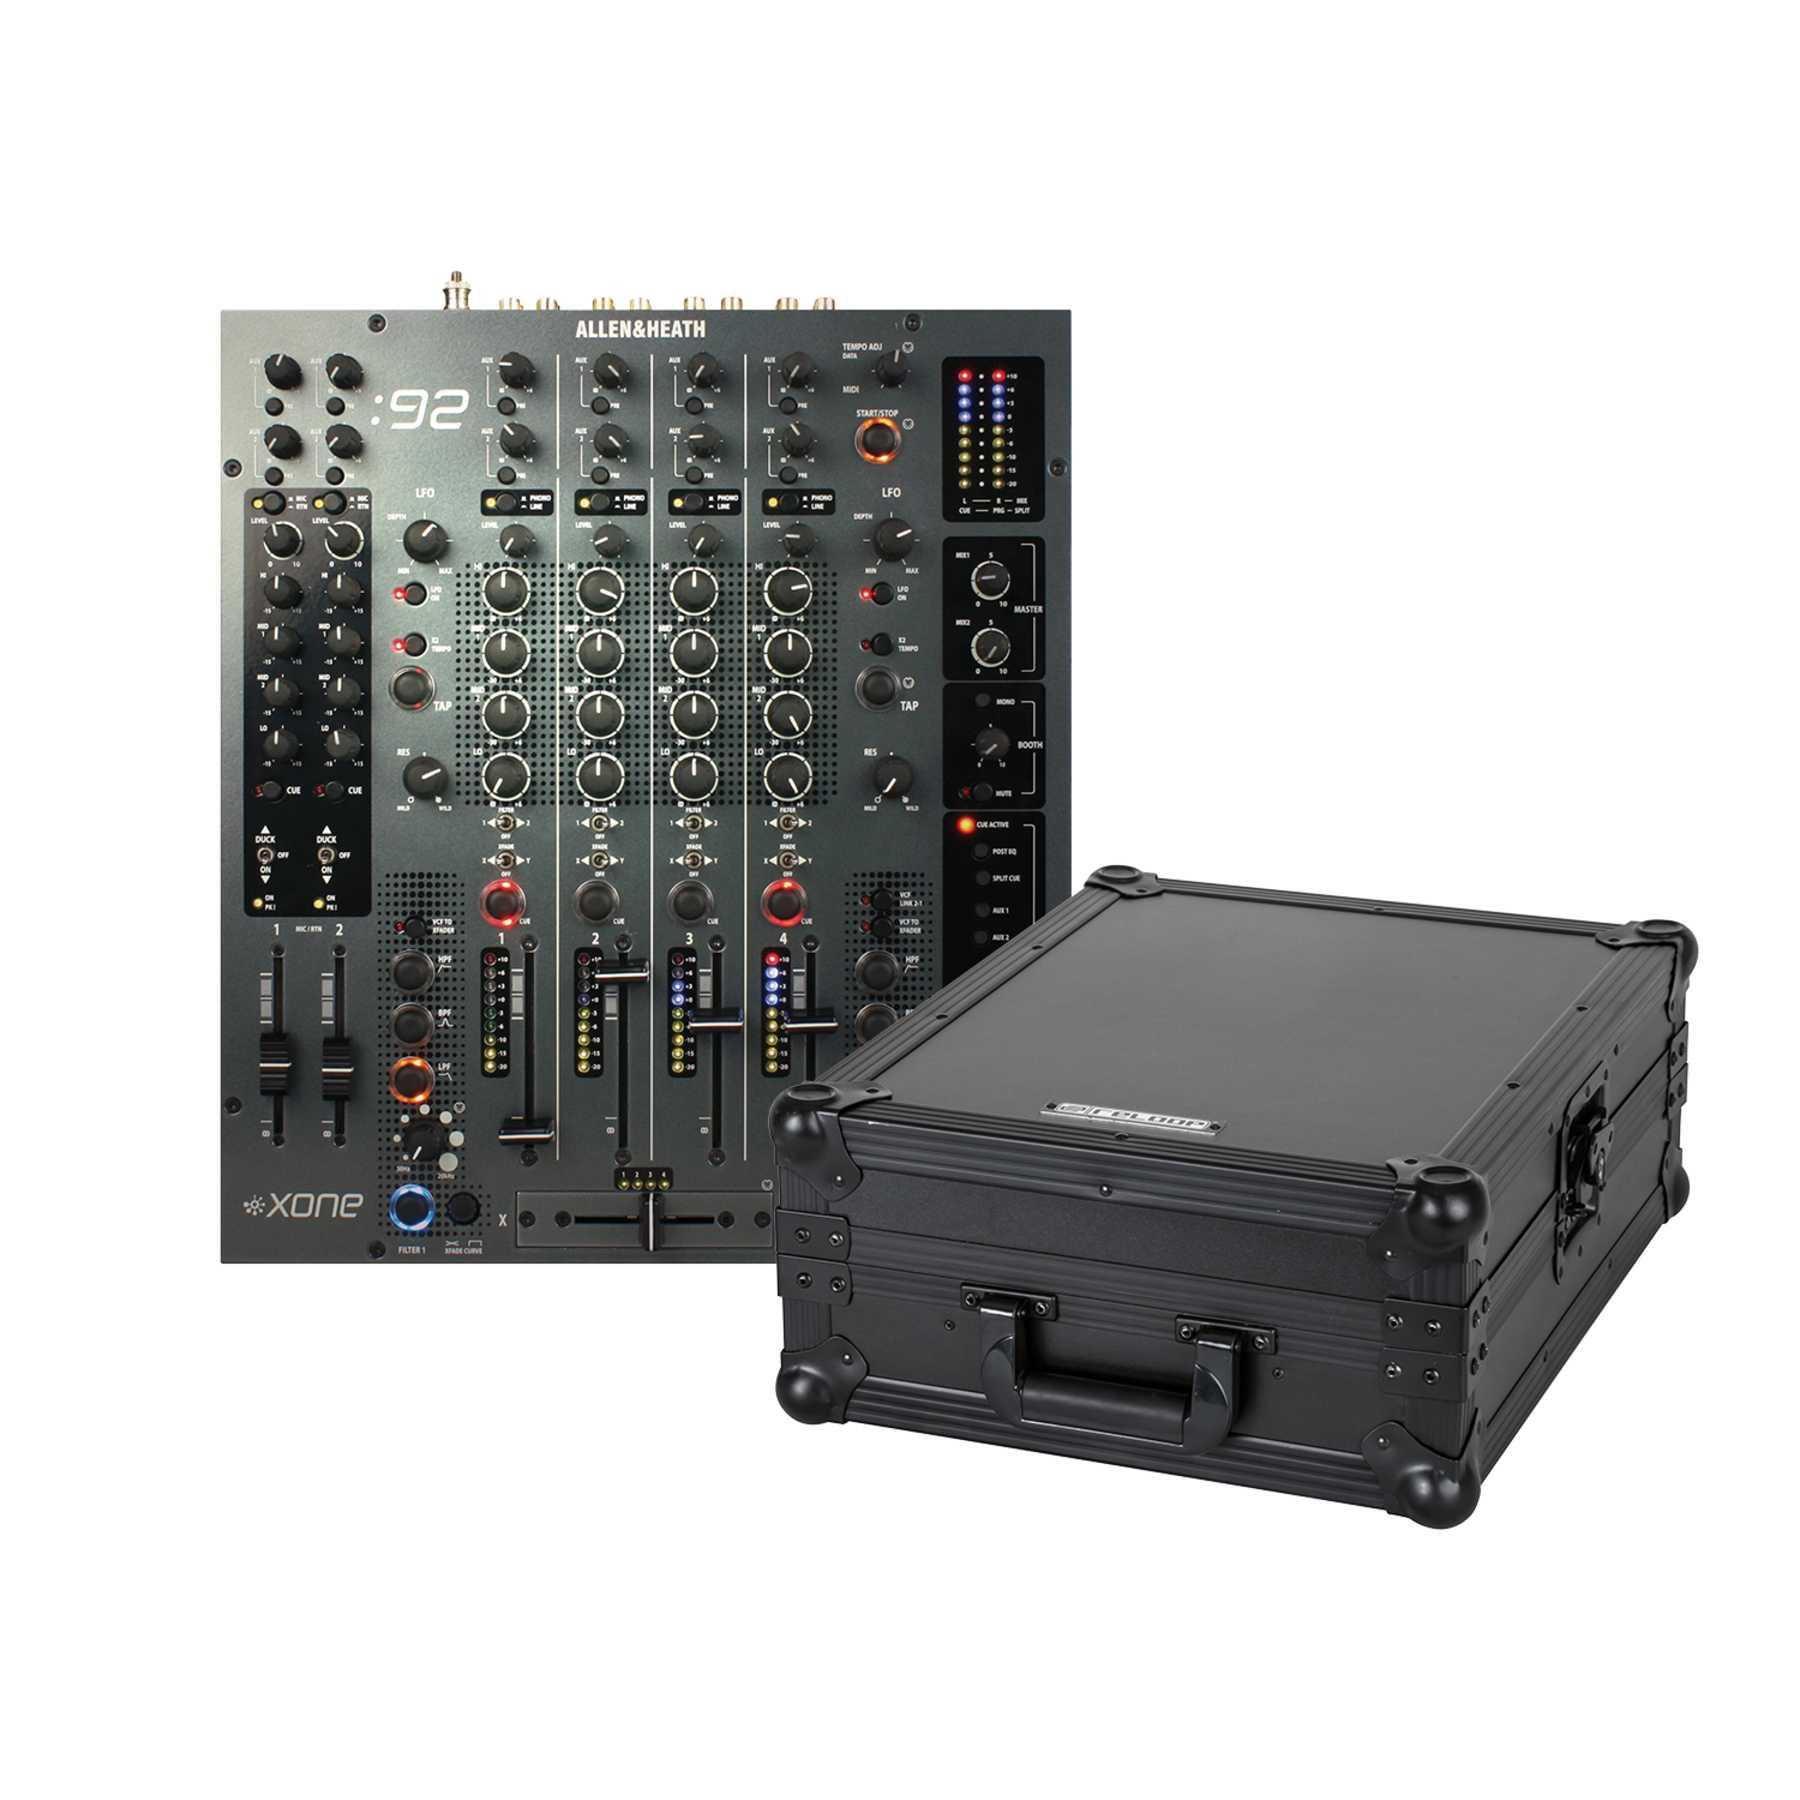 Allen & Heath Xone 92 + Reloop Mixer Case 244028